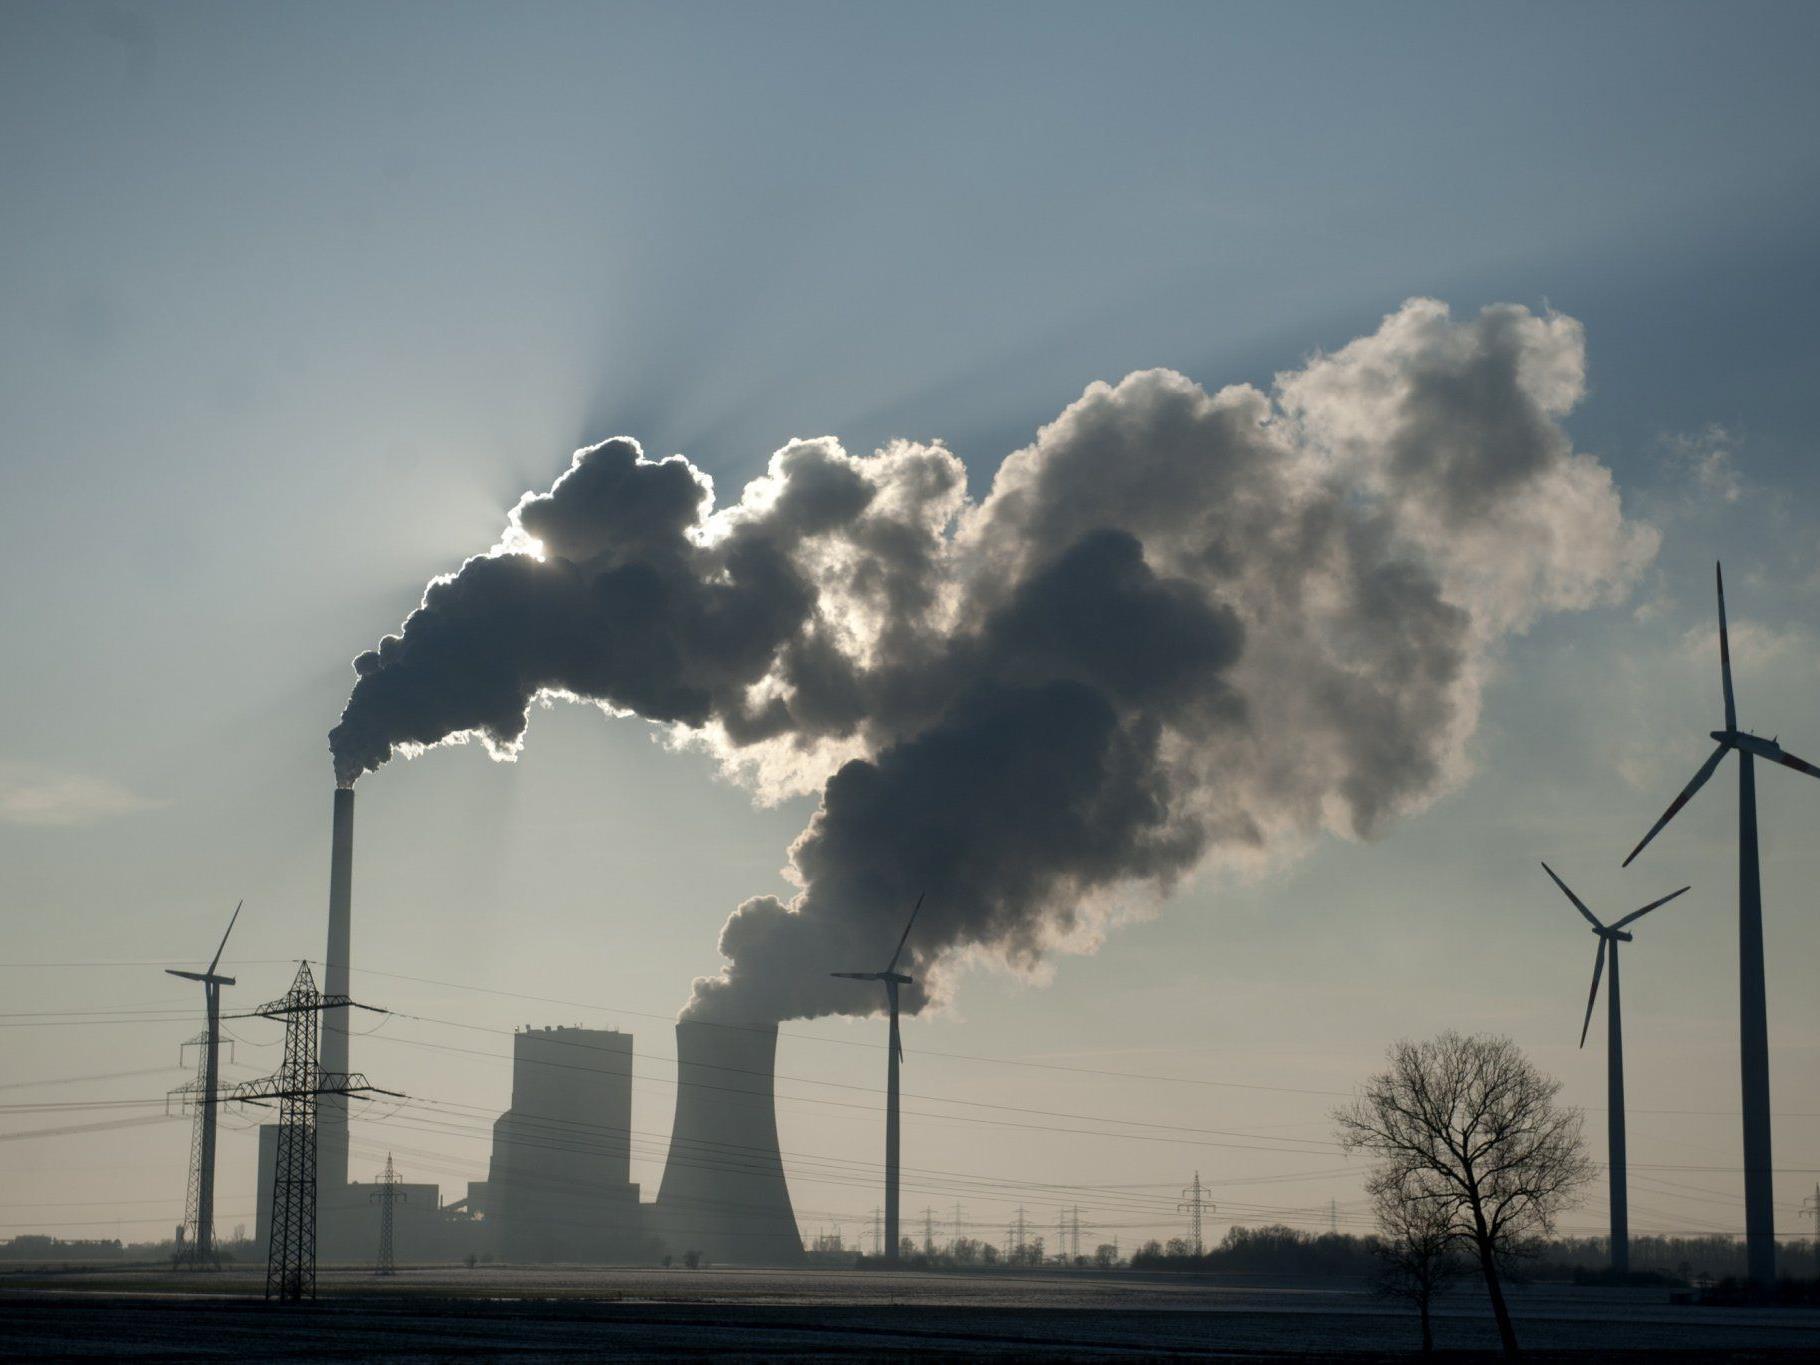 31,6 Gigatonnen (31.600.000.000 Tonnen) CO2-Ausstoß durch fossile Brennstoffe.